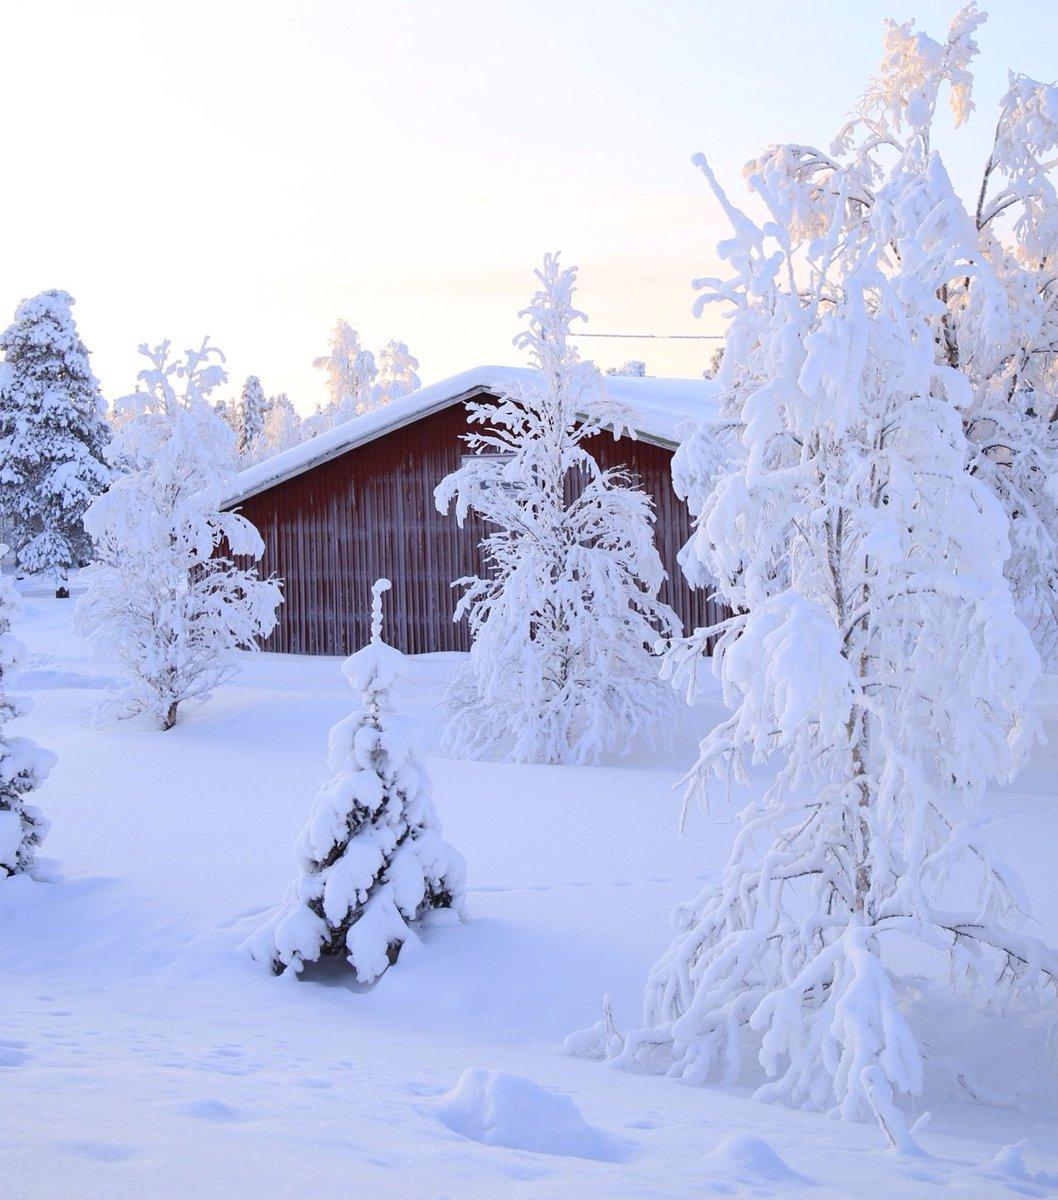 Lapland (Finland)  #Finlandiya #laponya https://t.co/ztfTEBmIZv